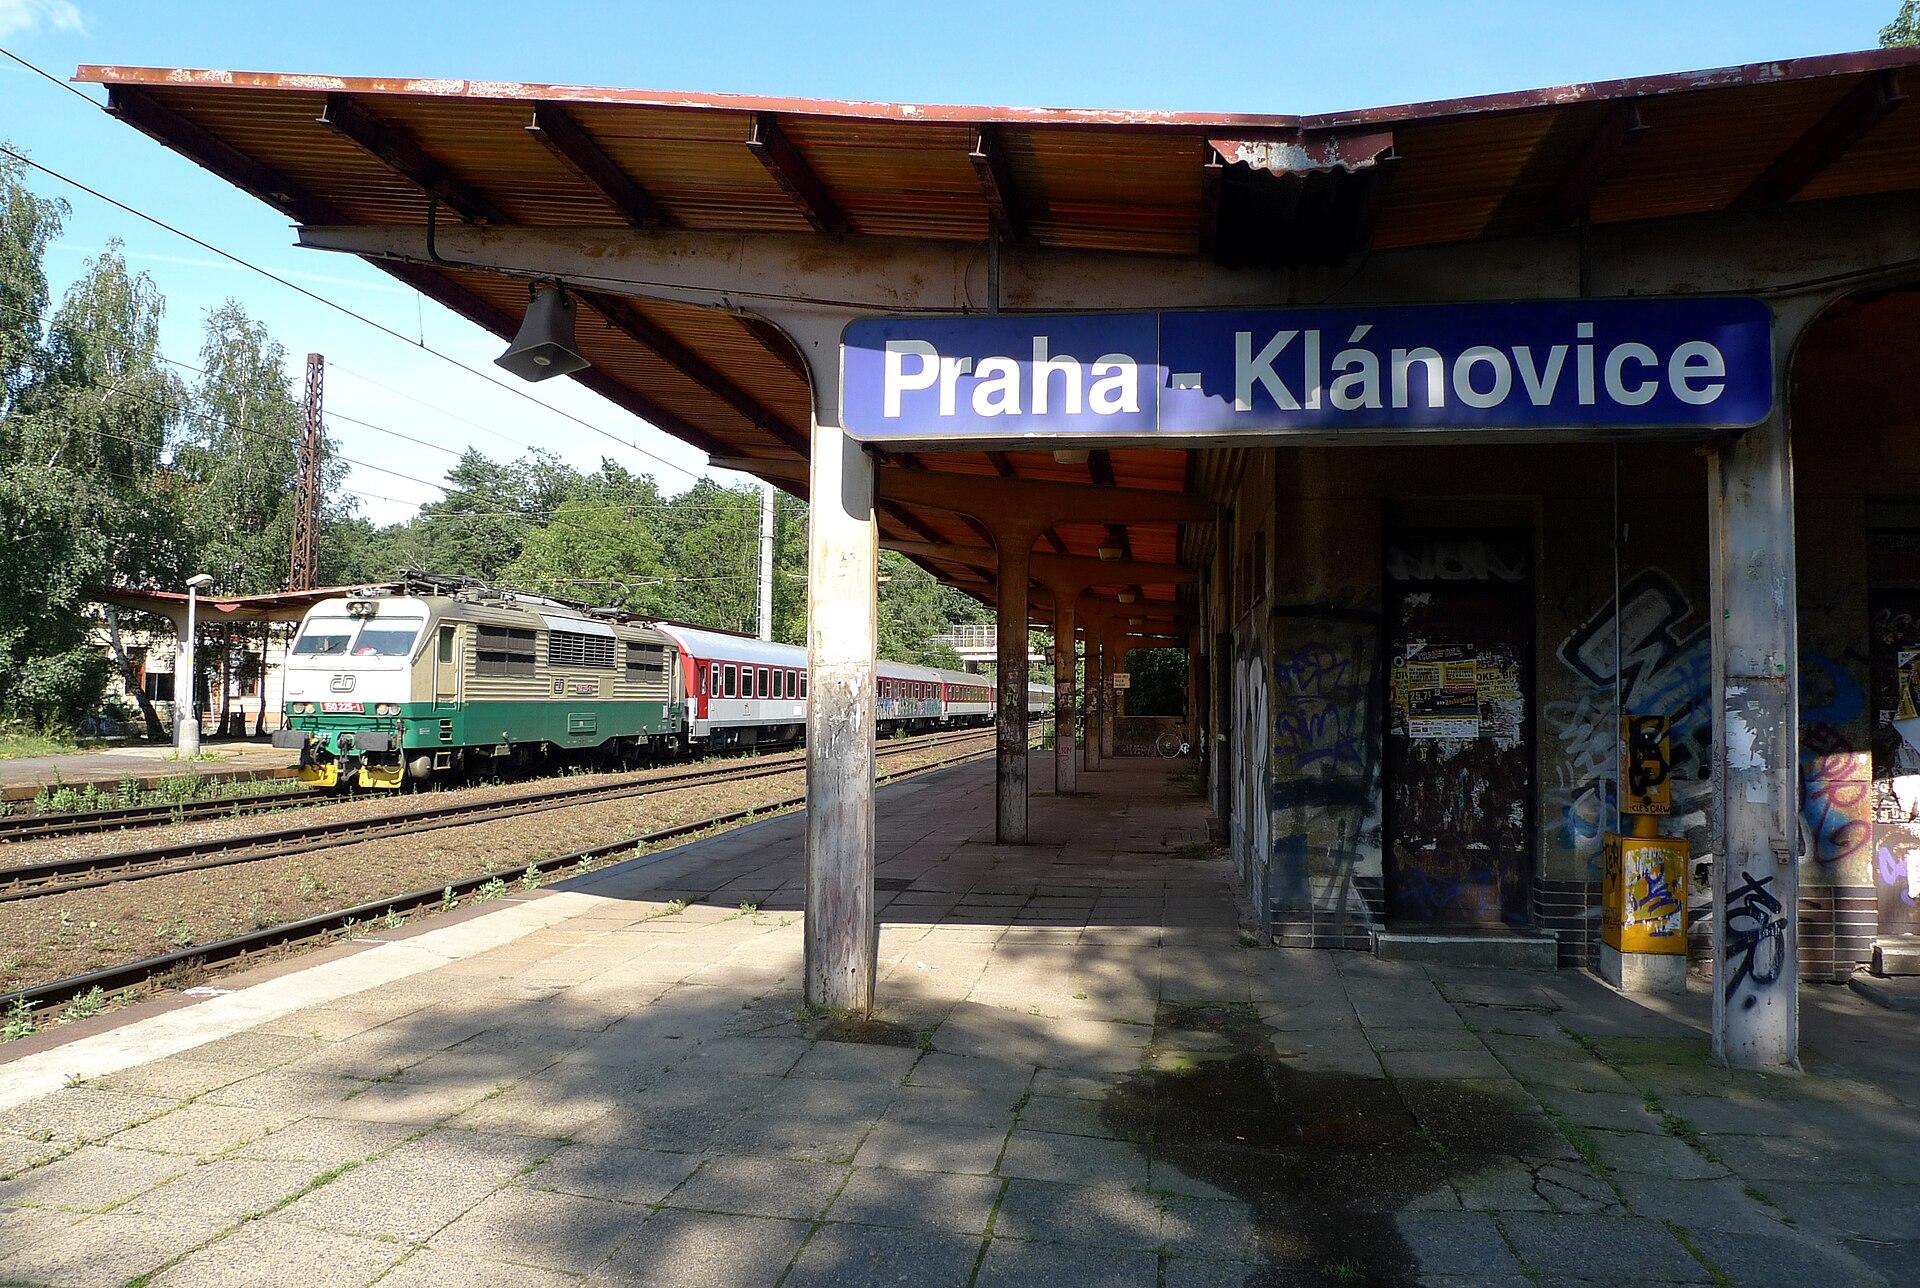 https://upload.wikimedia.org/wikipedia/commons/thumb/3/37/Klanovicke_nadrazi_-_2009.JPG/1920px-Klanovicke_nadrazi_-_2009.JPG